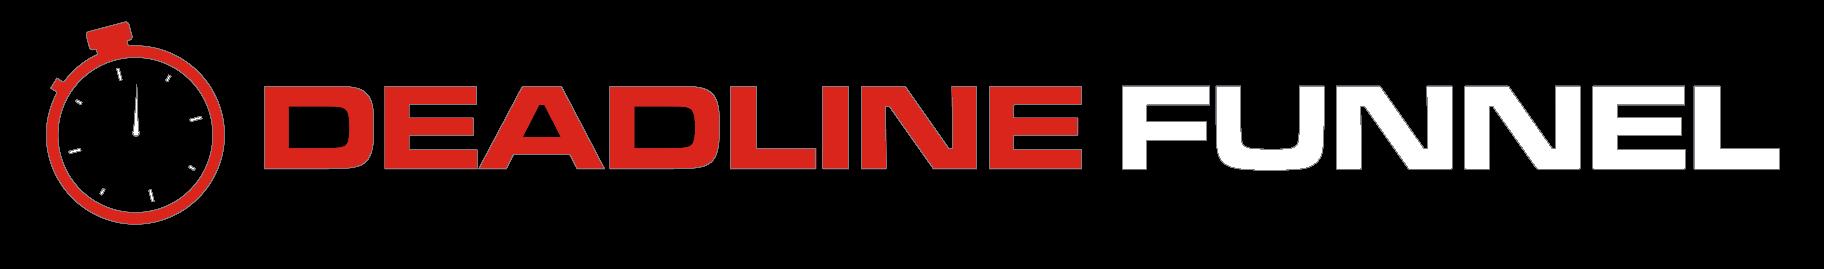 Deadline Funnel - Affiliate Program